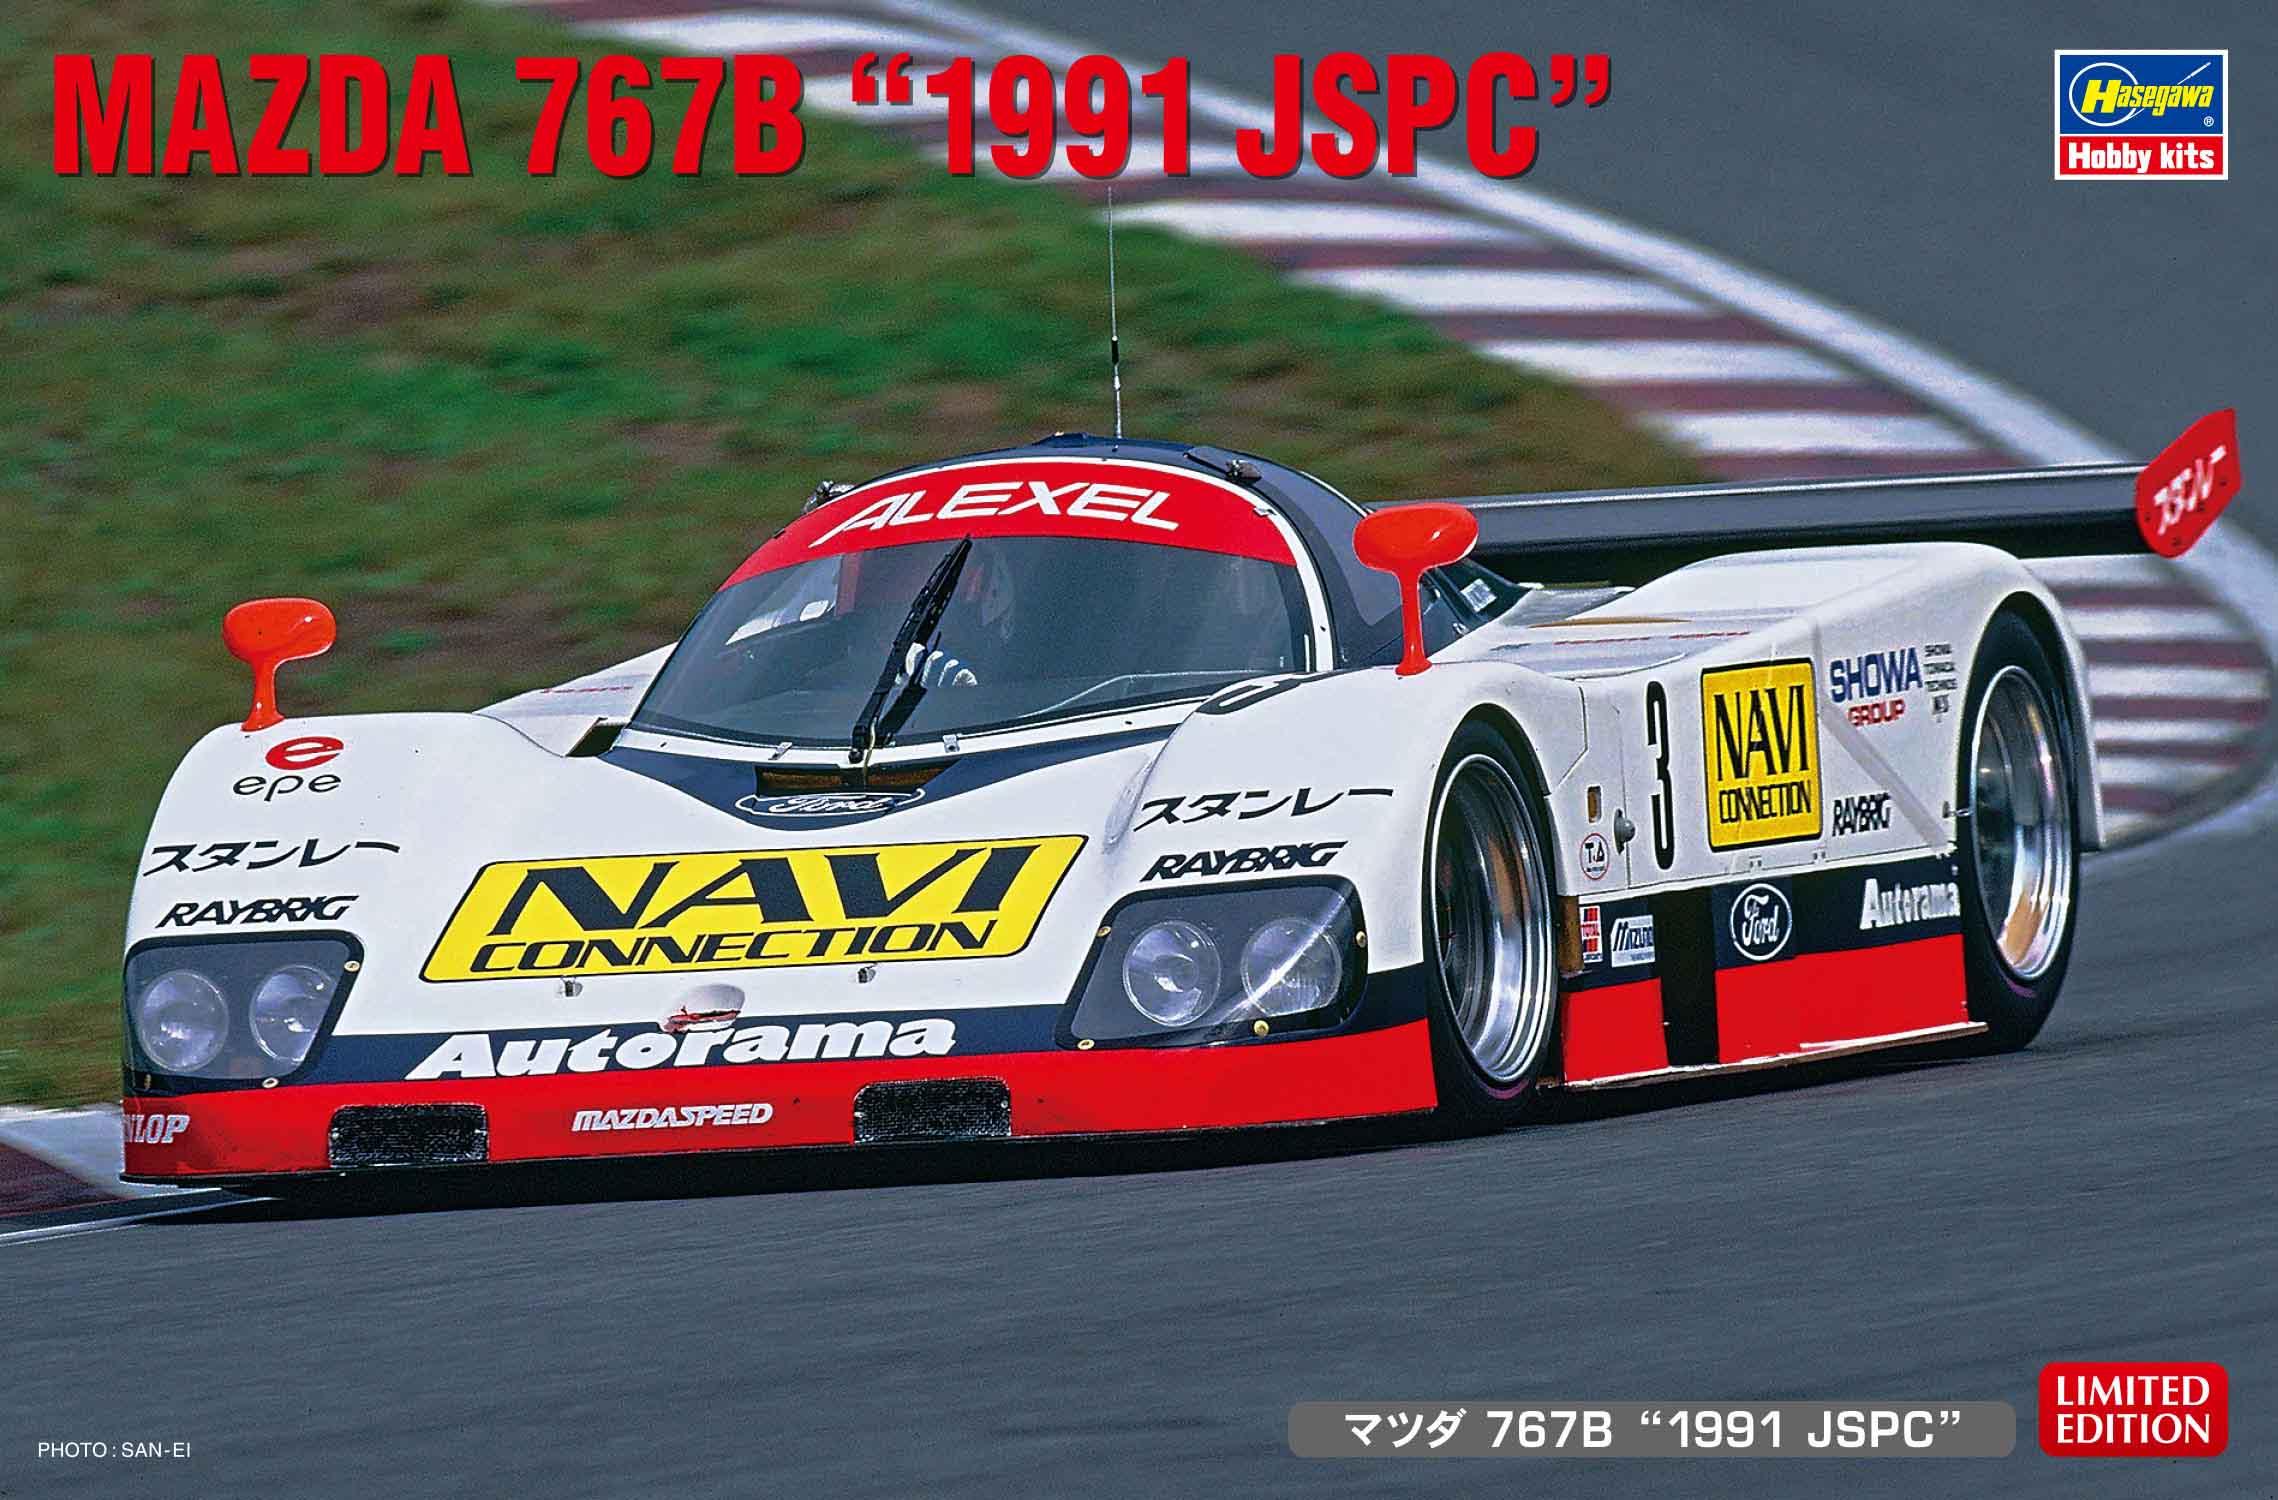 Hasegawa 1/24 MAZDA 767B 1991 JSPC